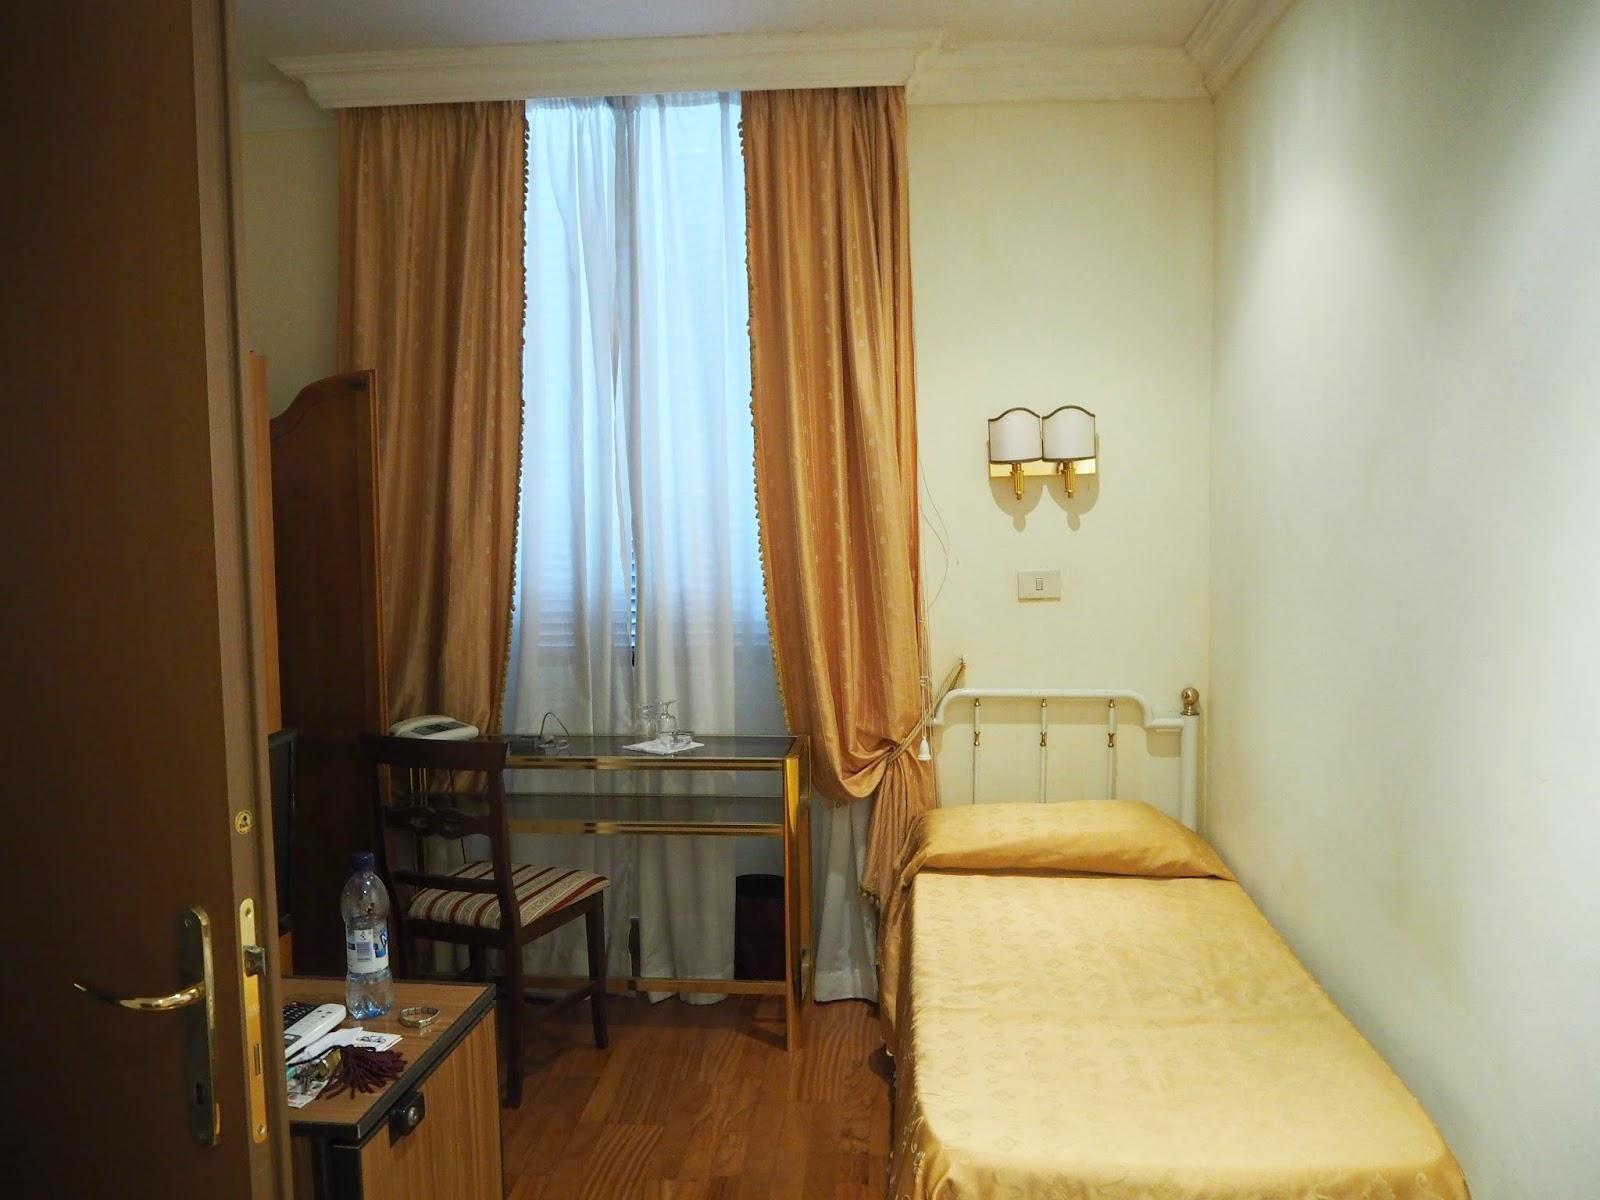 fiamma, via gaeta, rooma, rome, roma, italia, italy, hotellihuone, hotelli, hotel,